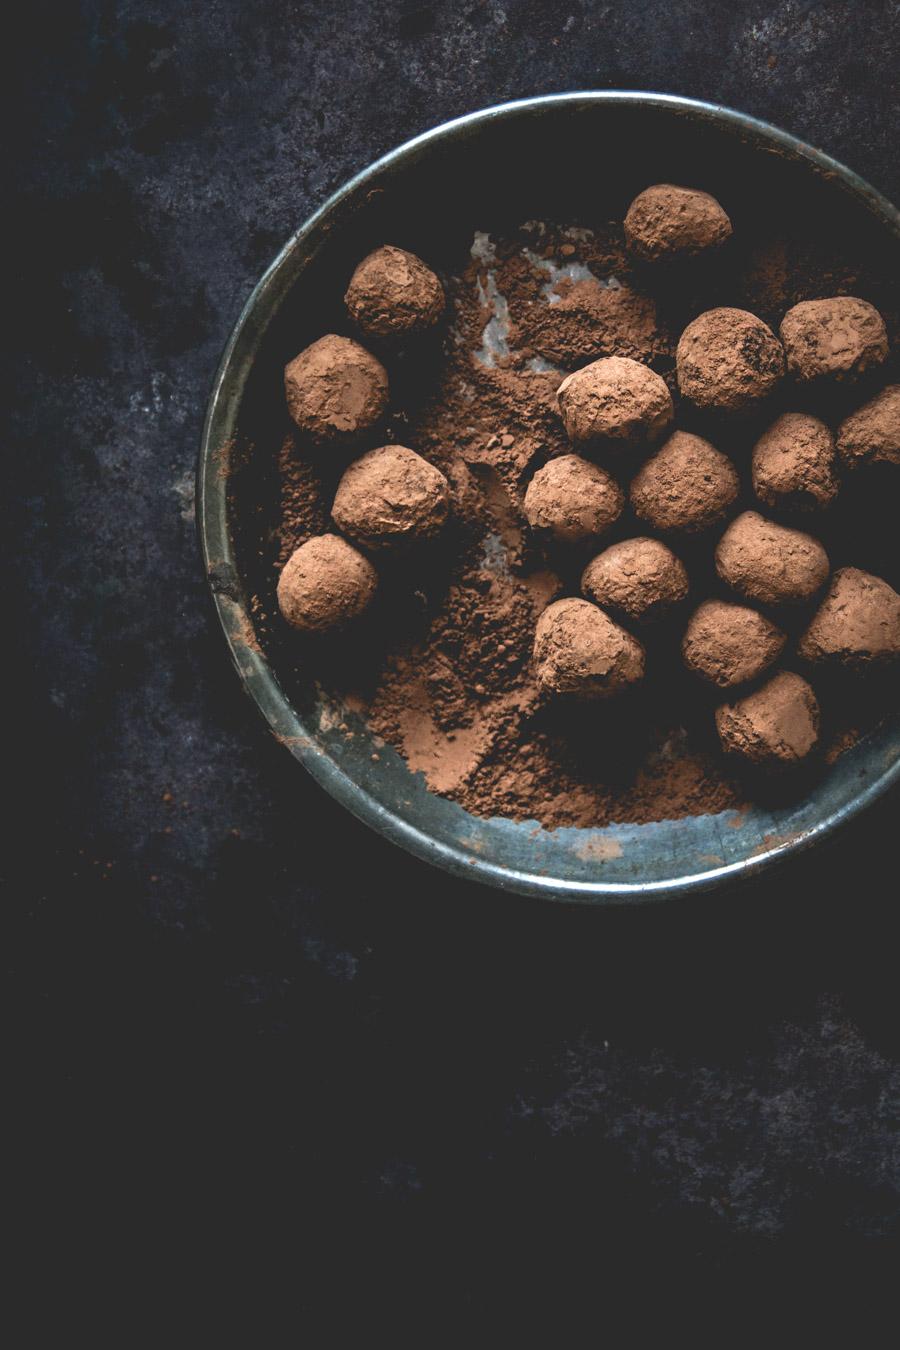 recette-classique-truffes-au-chocolat-noisettes-noix-de-coco-ophelie-lauret-ophelies-kitchen-book-3